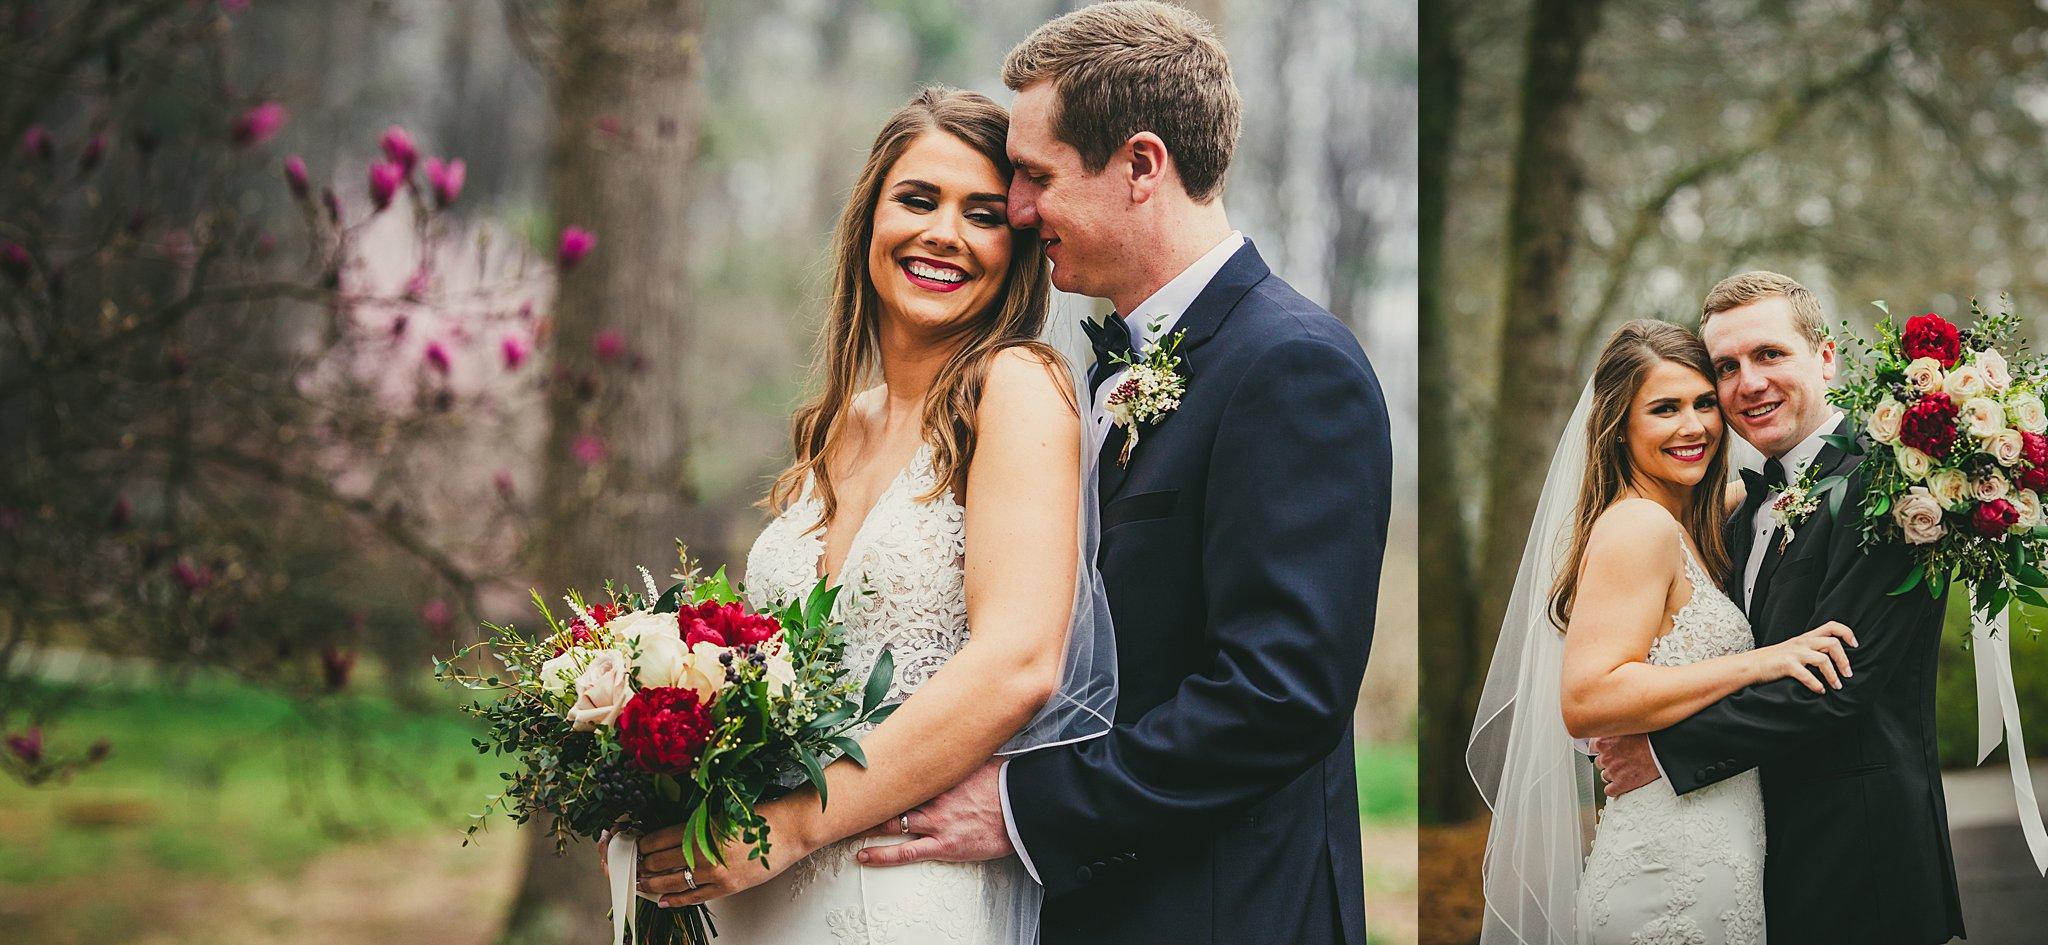 Atlanta Wedding Photographer Spring Wedding at Little River Farms